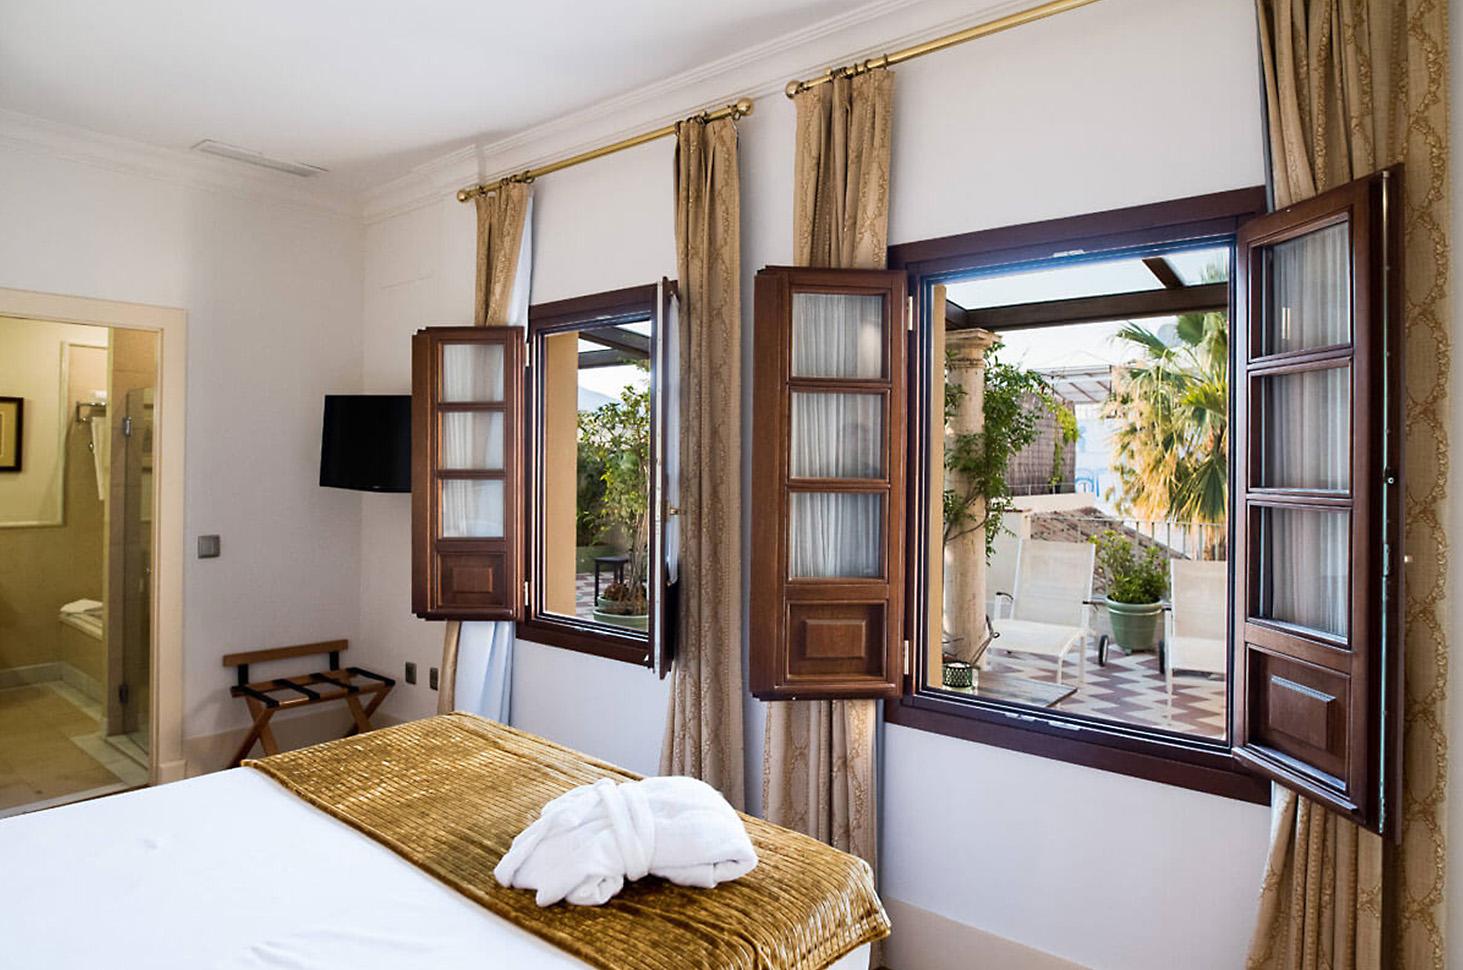 ventanas-hotel-casa-romana-5